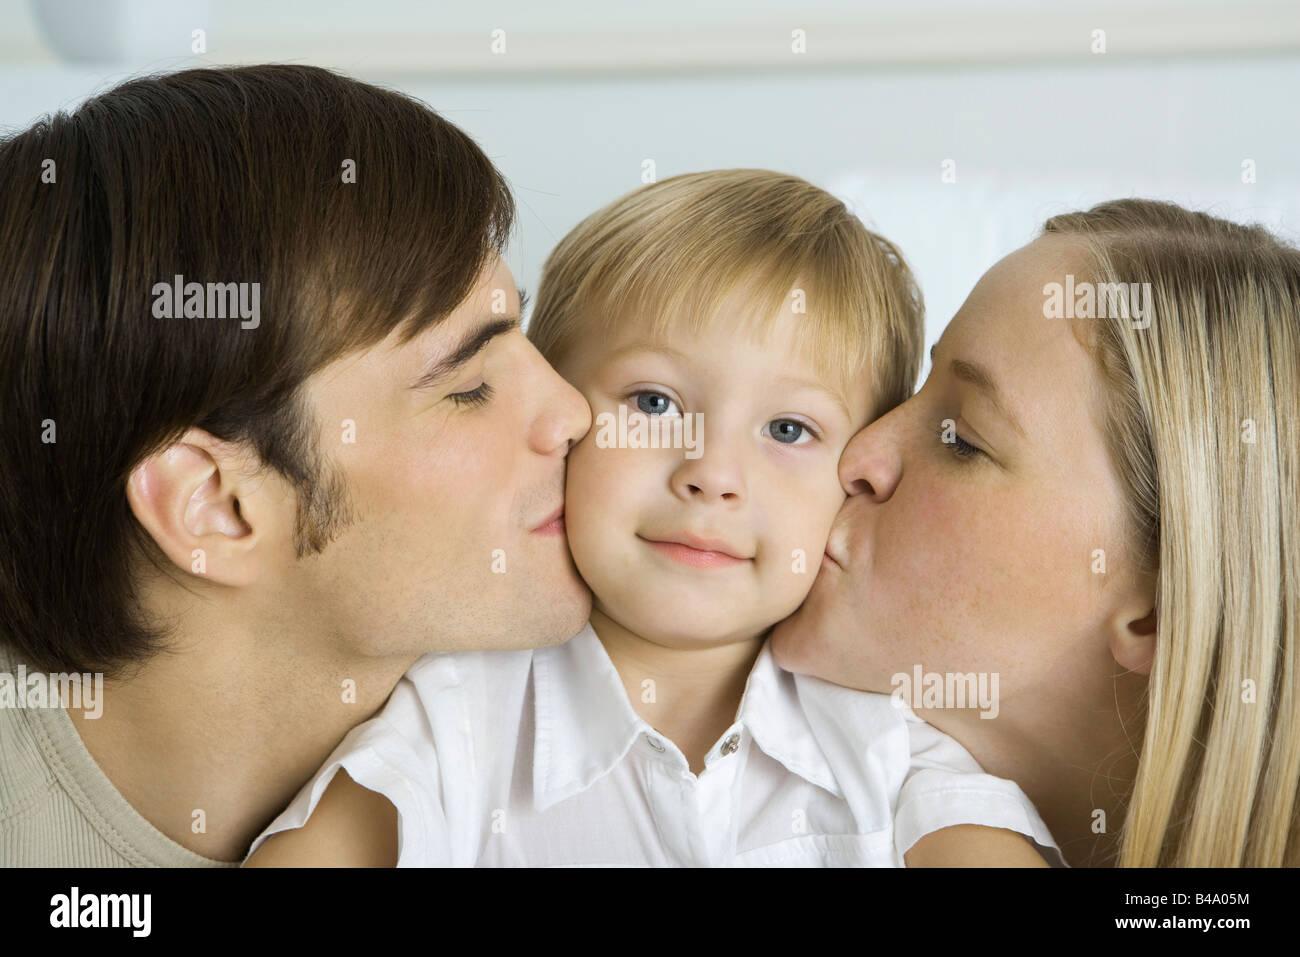 Eltern küssen kleiner Junge Wangen, junge lächelnd in die Kamera Stockbild